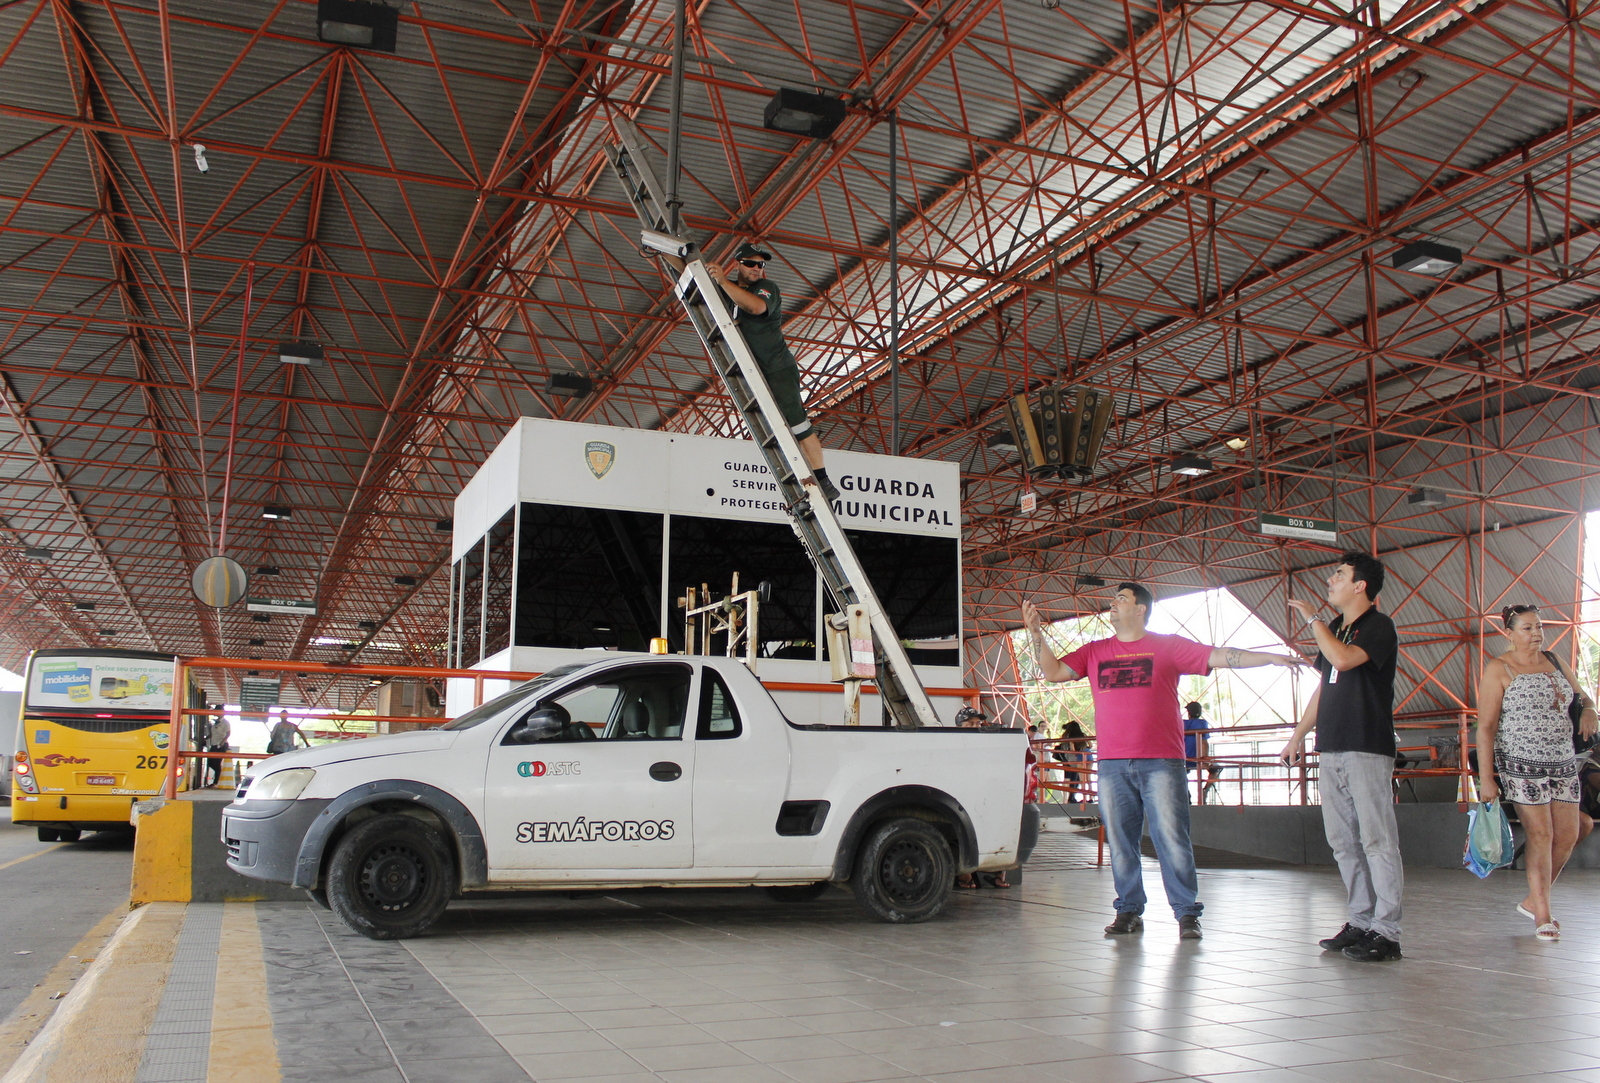 Parceria entre Prefeitura e Polícia Militar promove segurança nos terminais de Criciúma